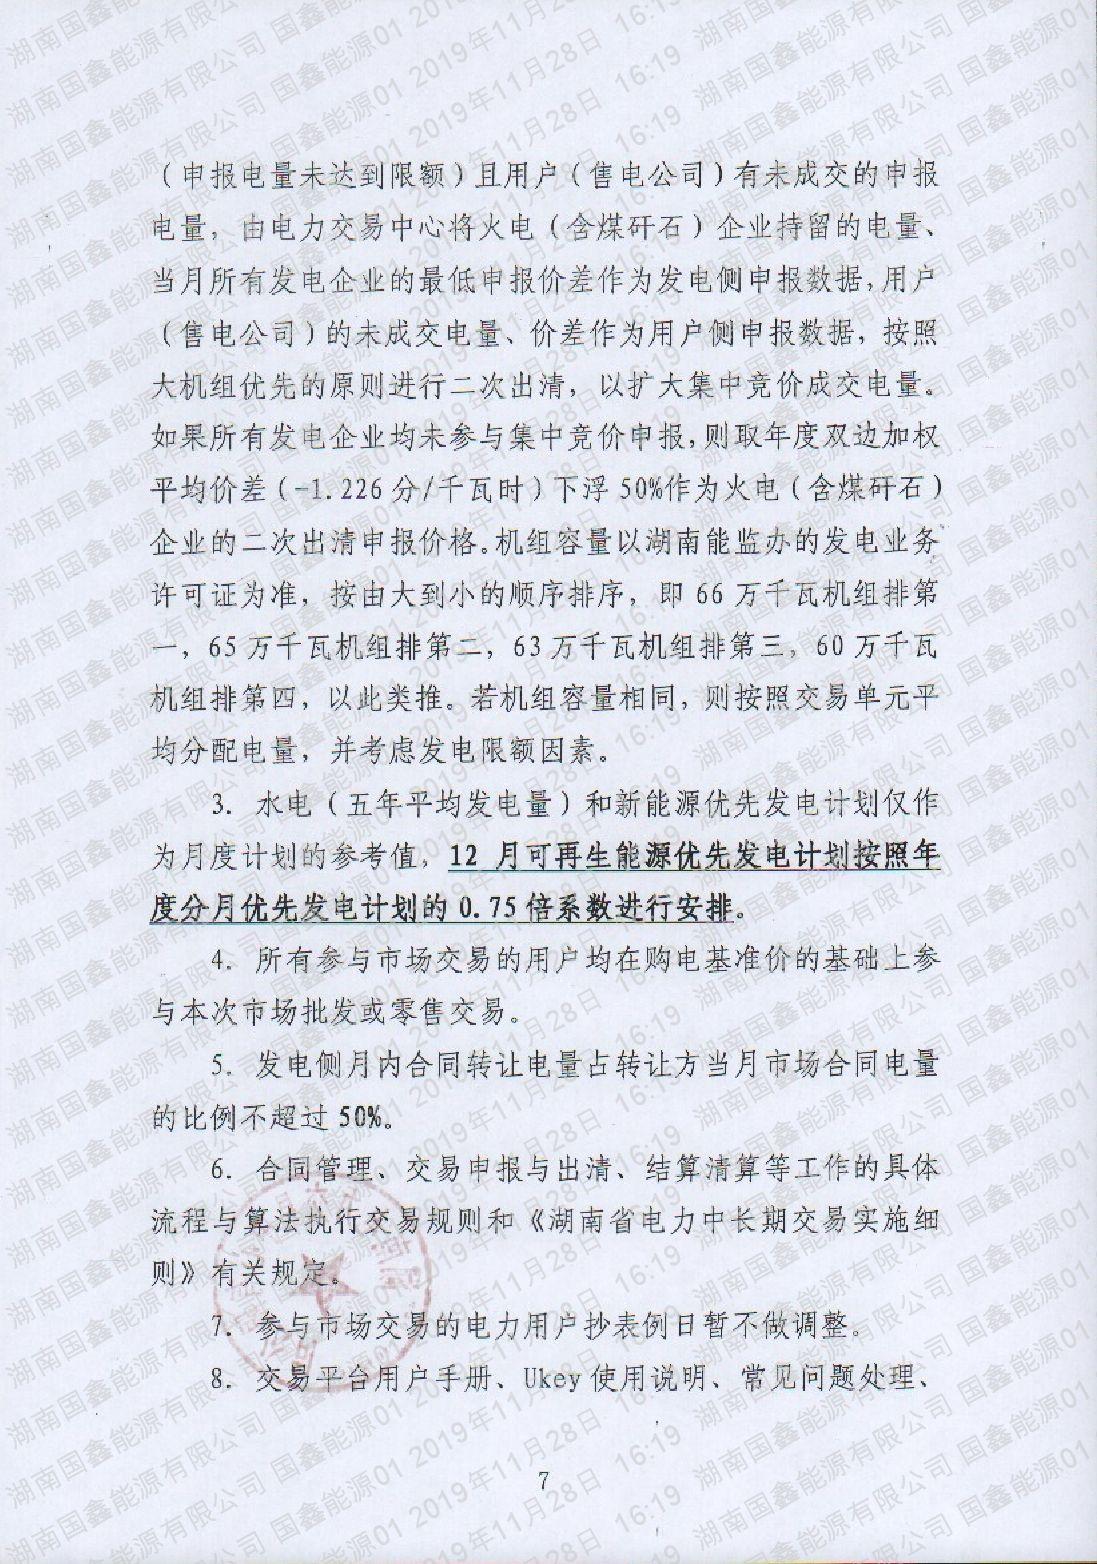 2019年第31號交易公告(12月月度交易).pdf_page_7_compressed.jpg